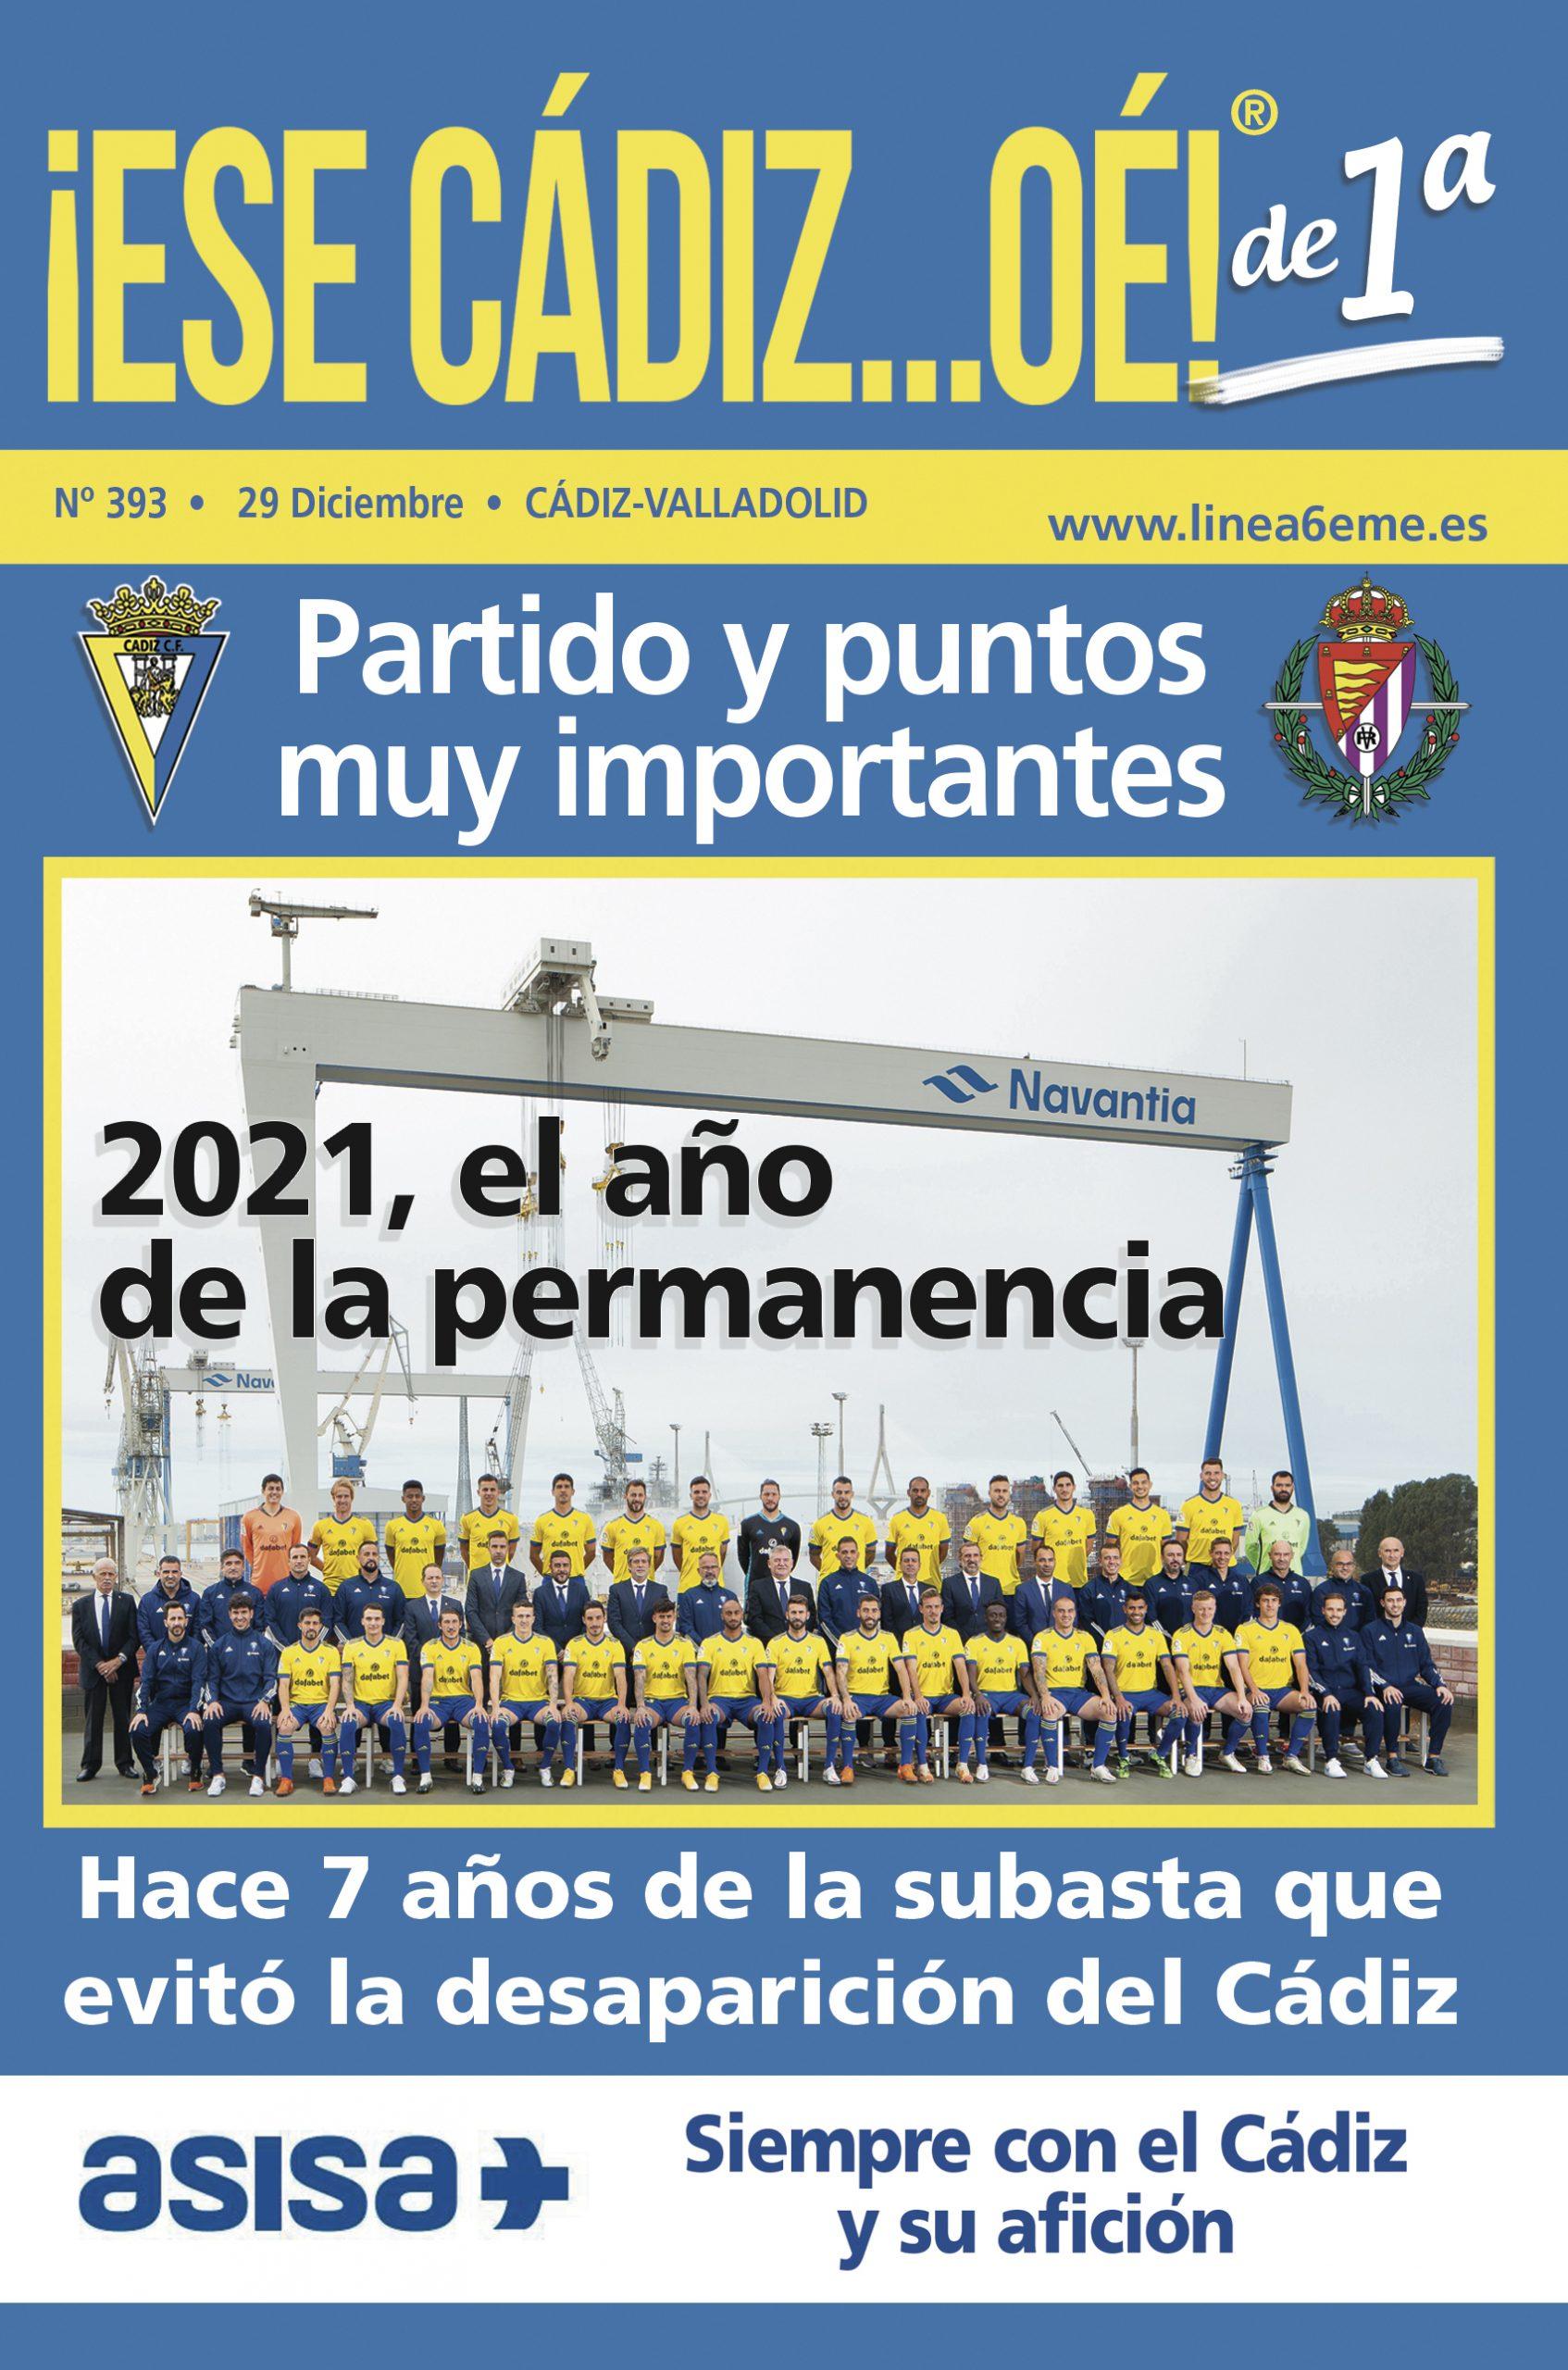 ¡ESE CÁDIZ…OÉ! NÚM. 393 TEMPORADA 2020/21